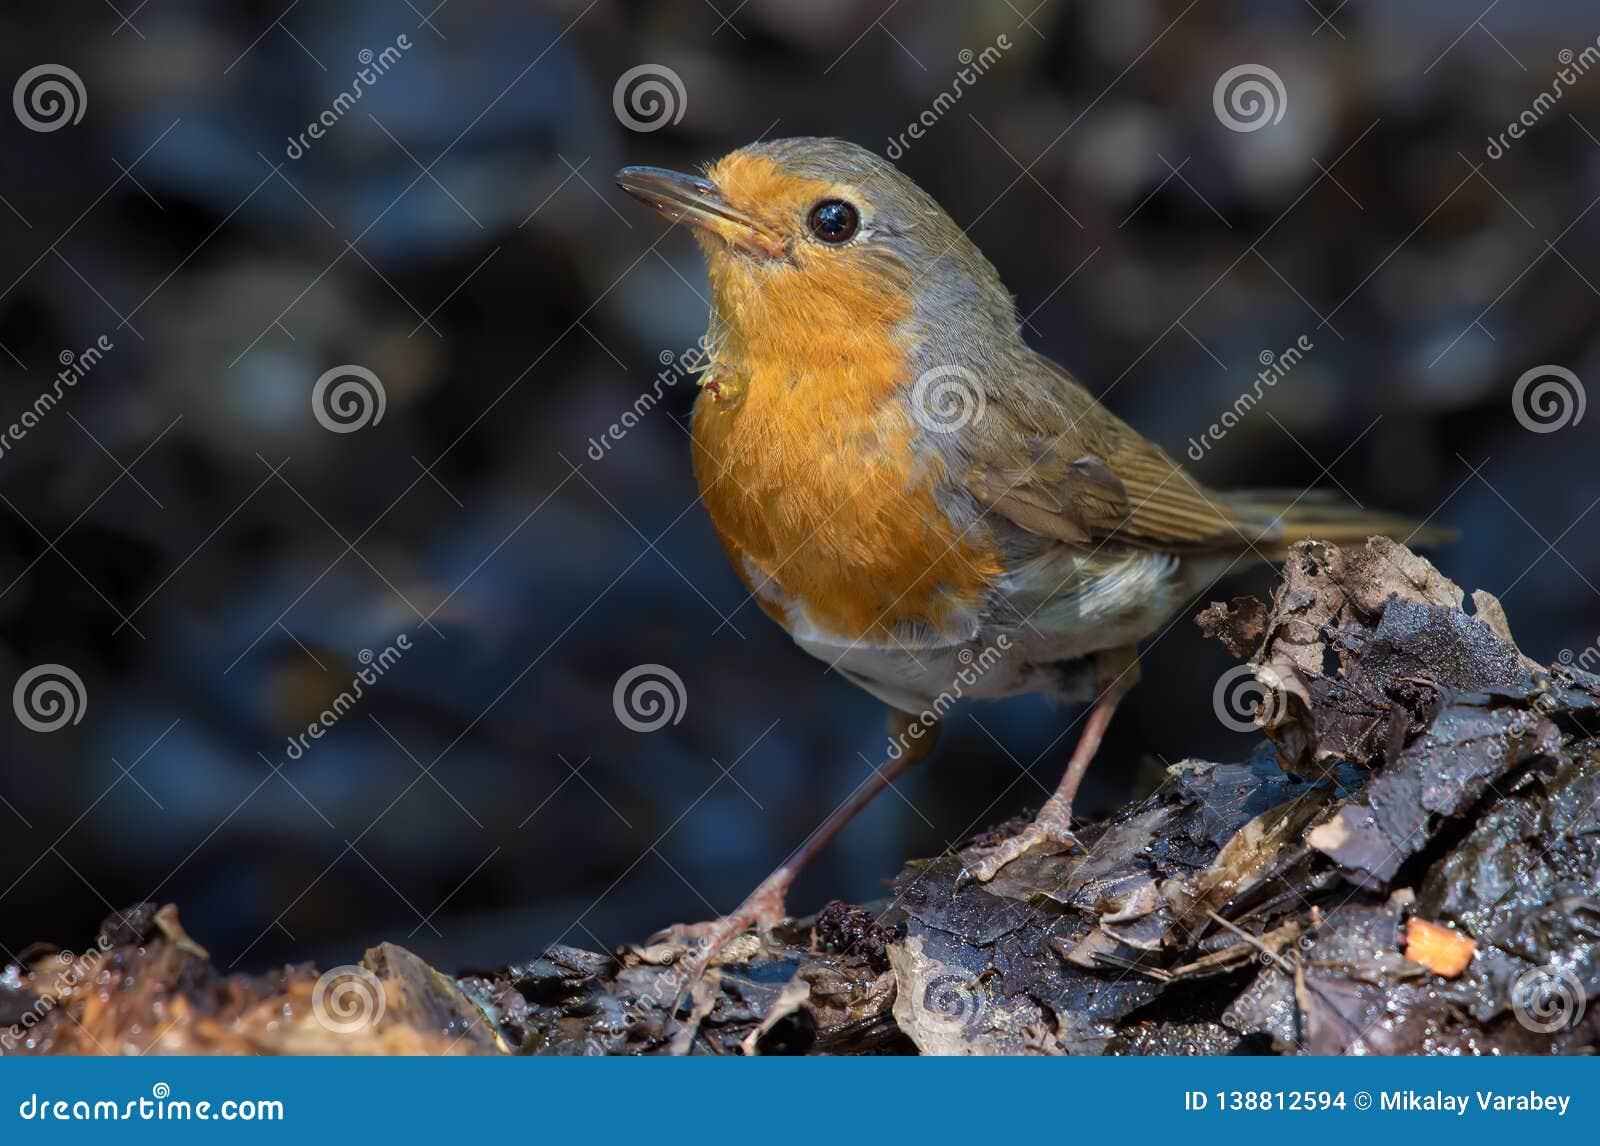 European Robin sits with spider under her beak